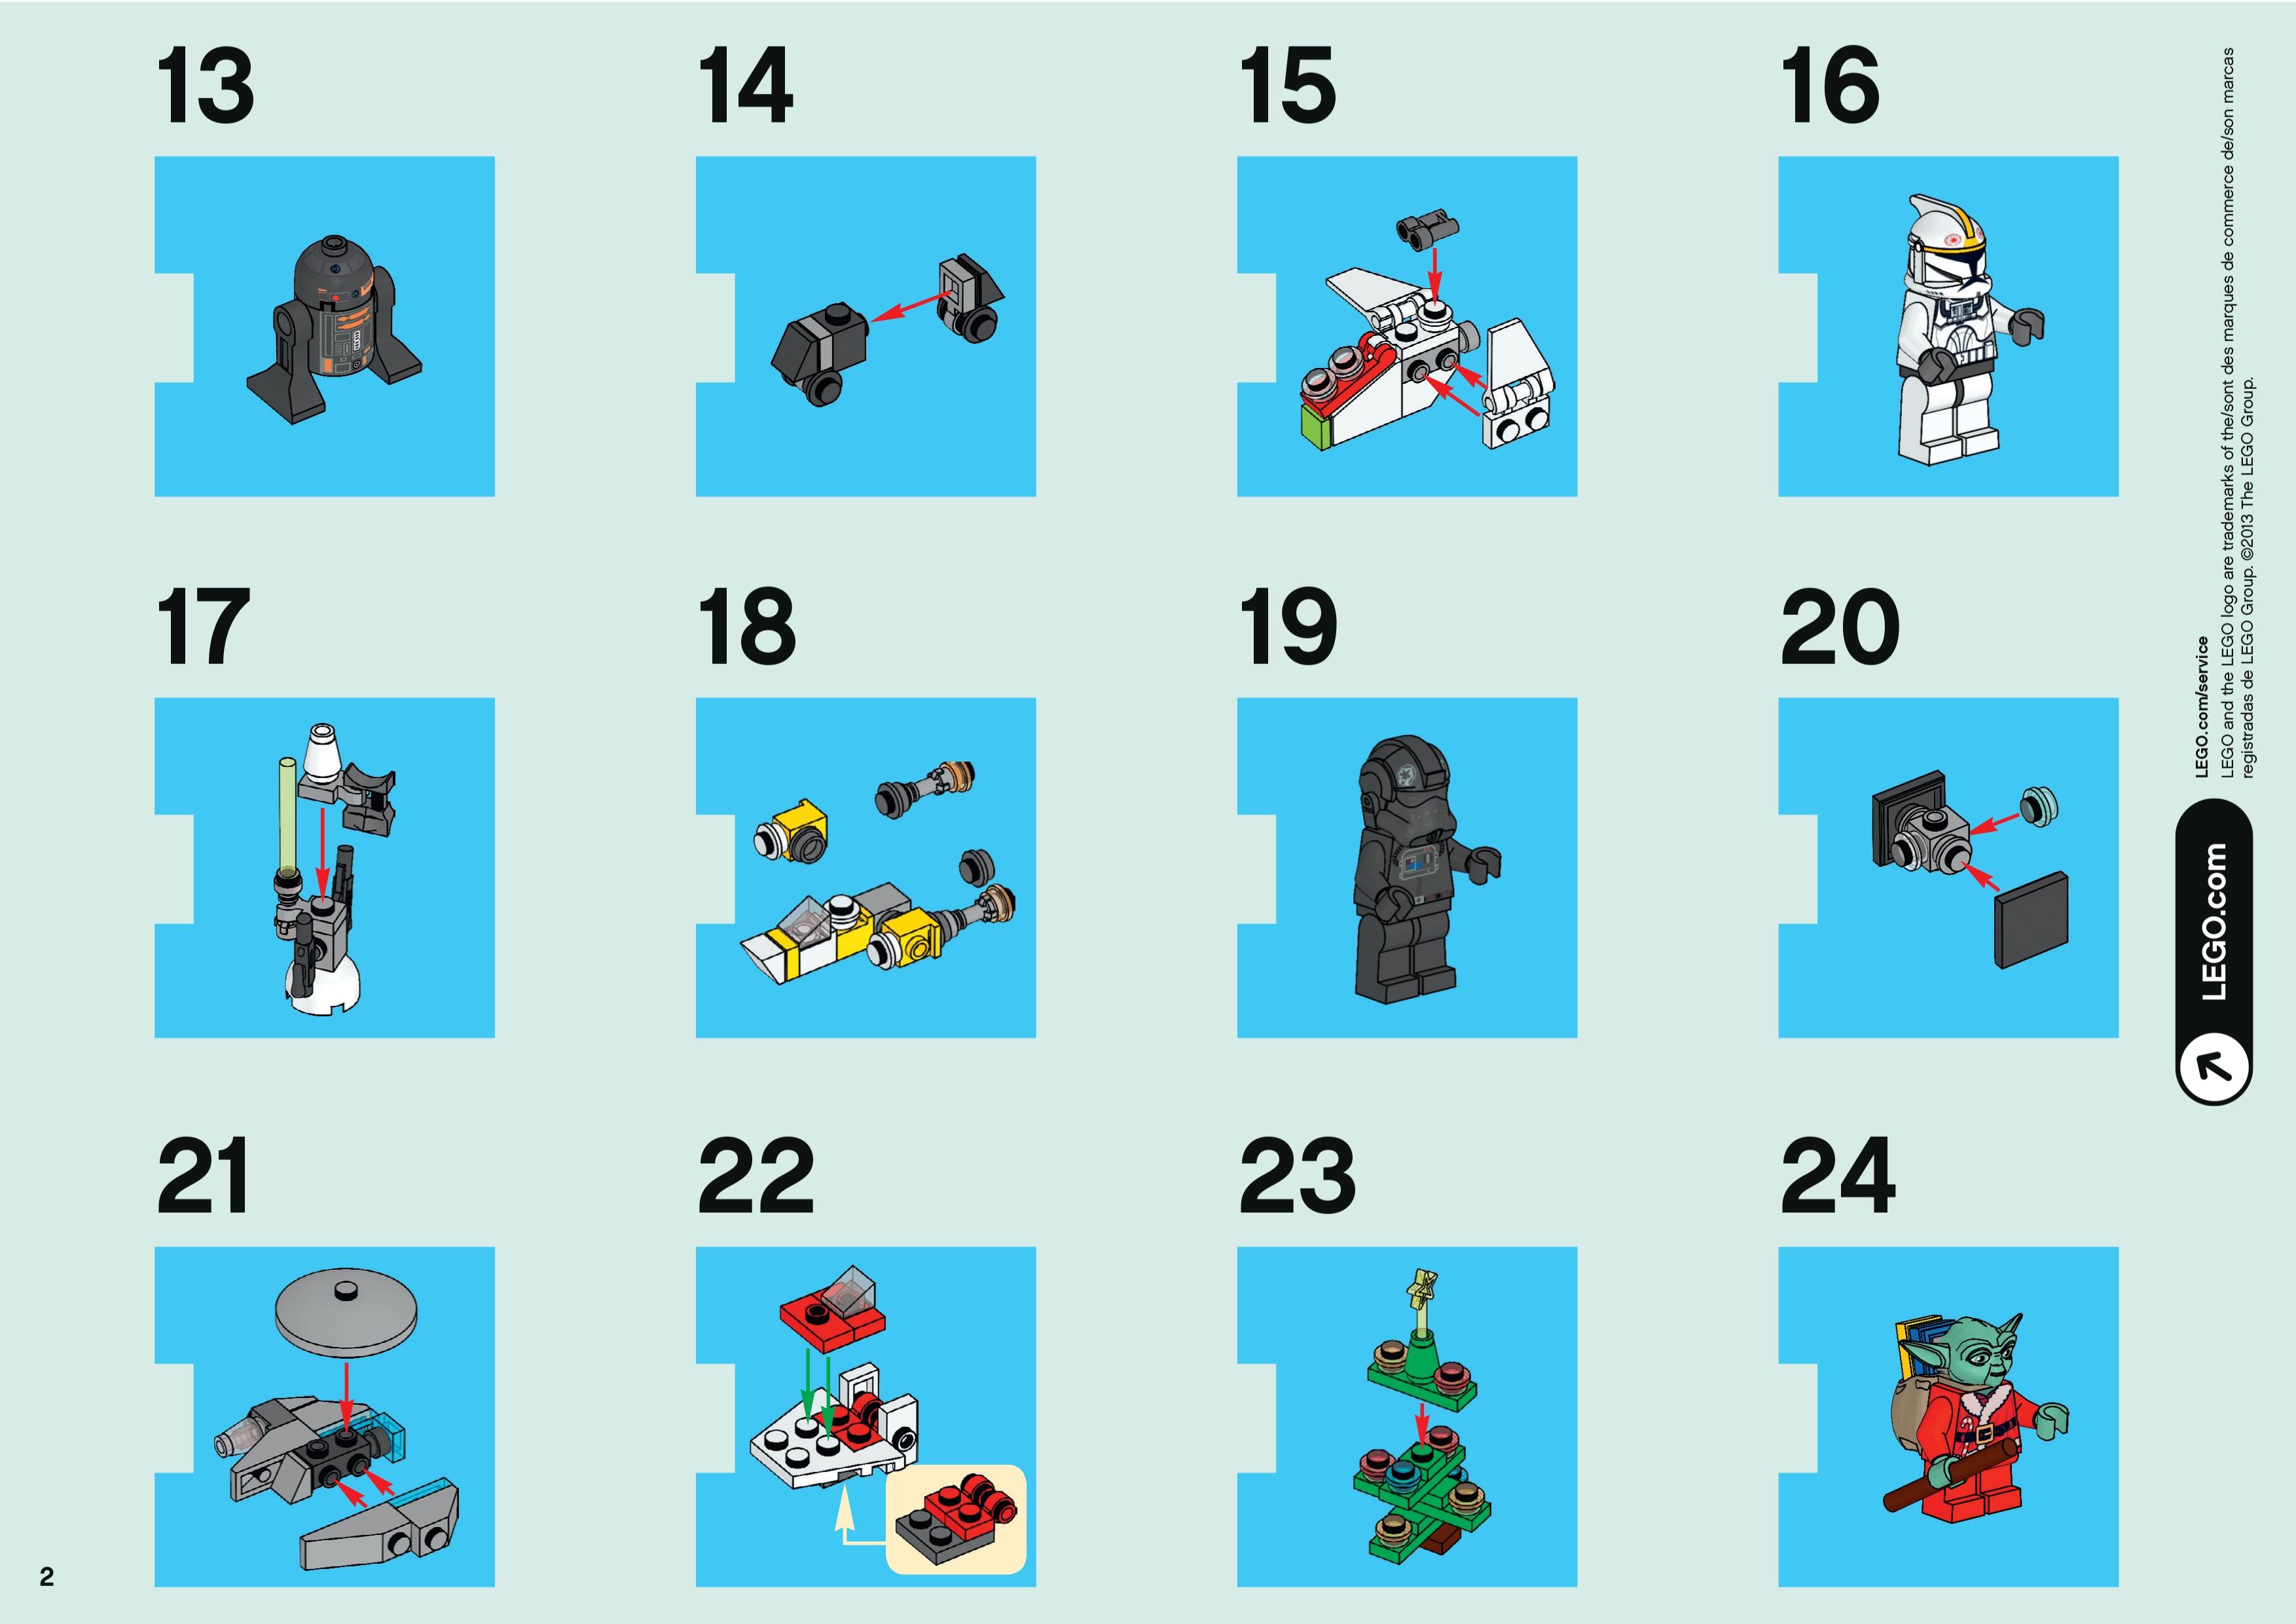 Star Wars Advent Calendar Номер 7958 Из Серии Звездные Войны inside Lego Star Wars Advent Calendar 2011 Instructions